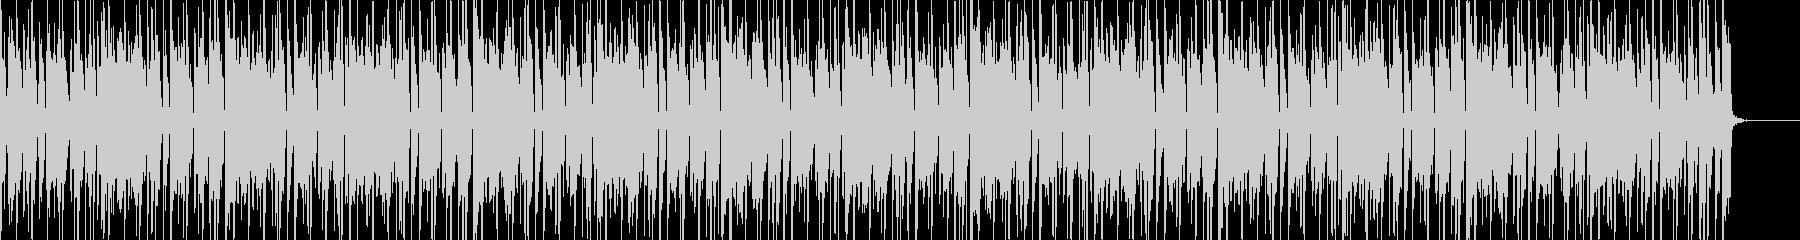 クラビネットとブラスのファンクBGMの未再生の波形